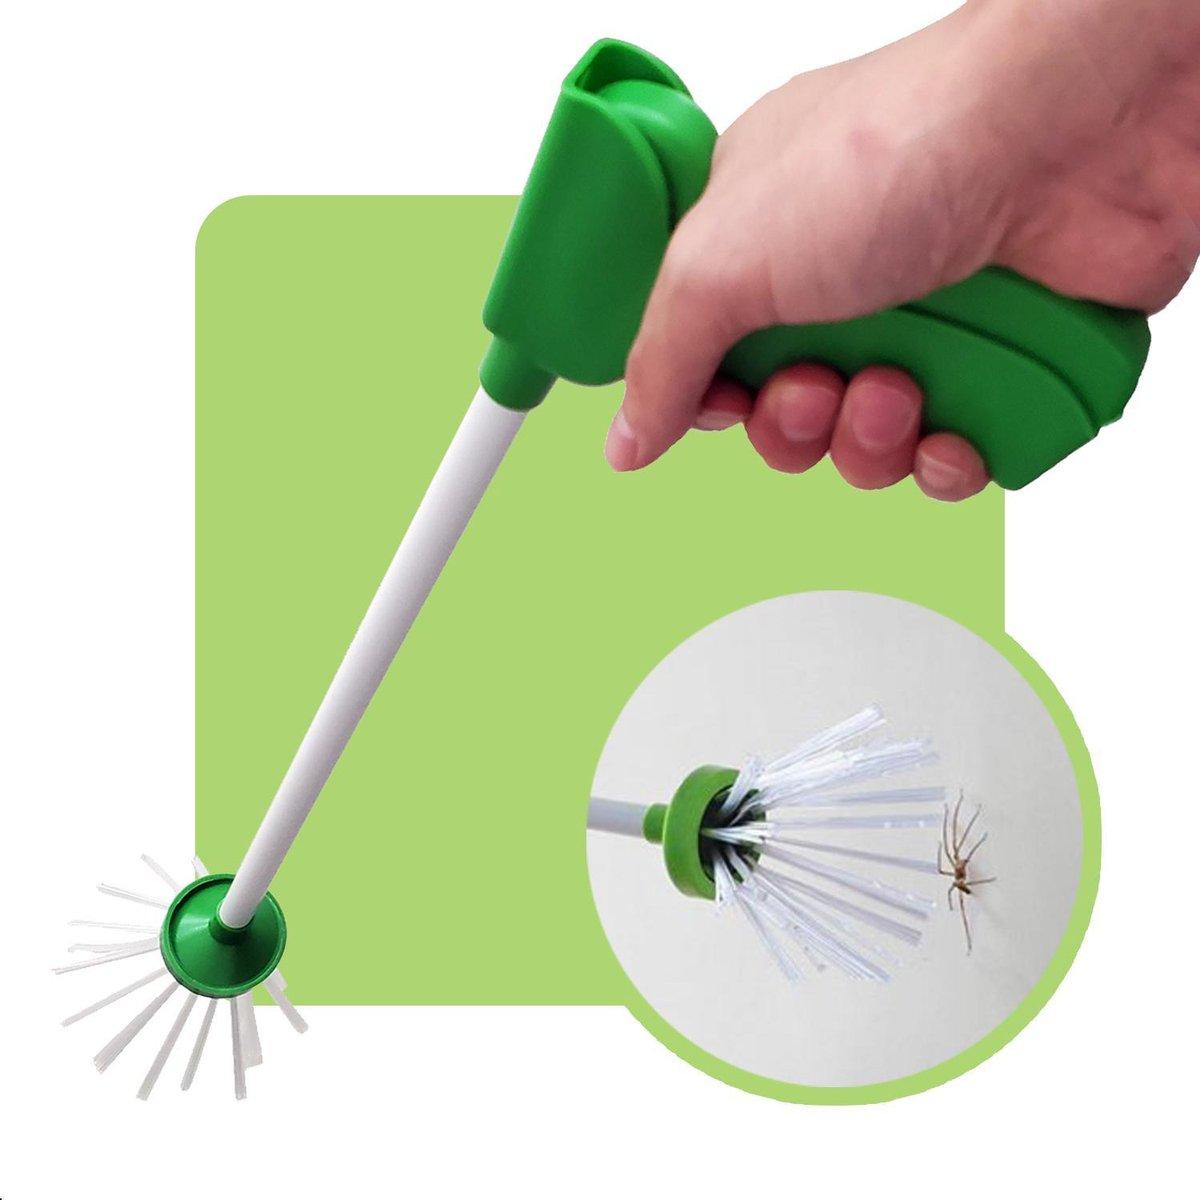 Dé oplossing voor iedereen die bang is voor spinnen!